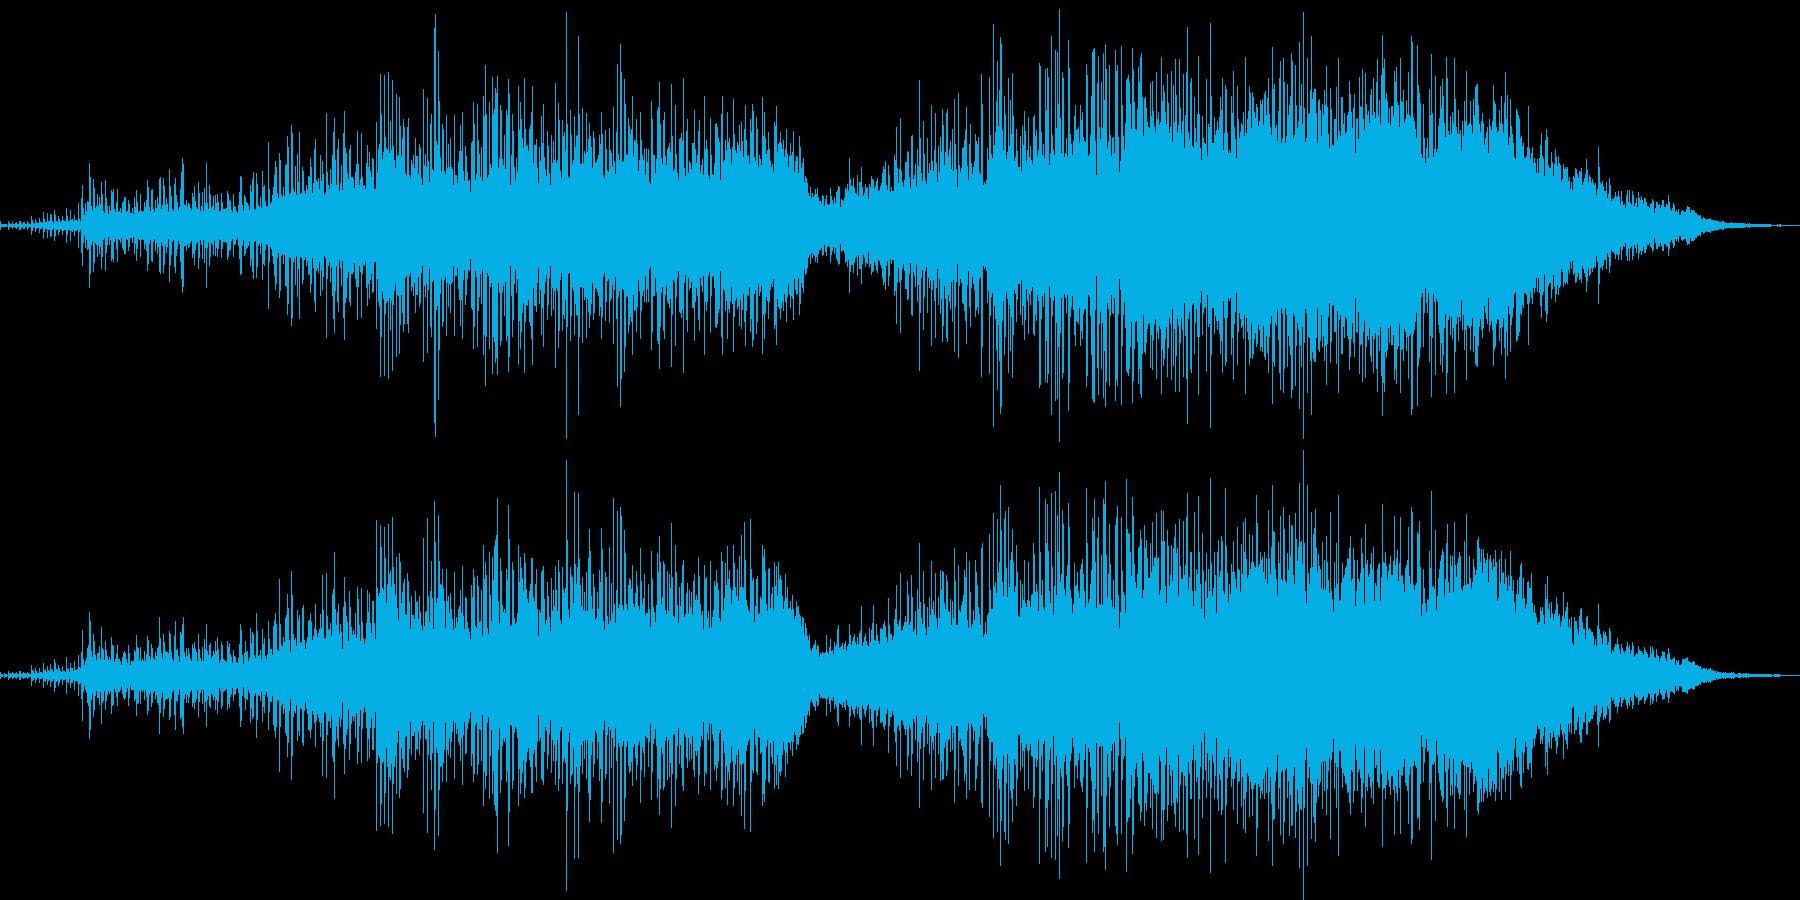 わくわくするエレクトロニック音楽の再生済みの波形